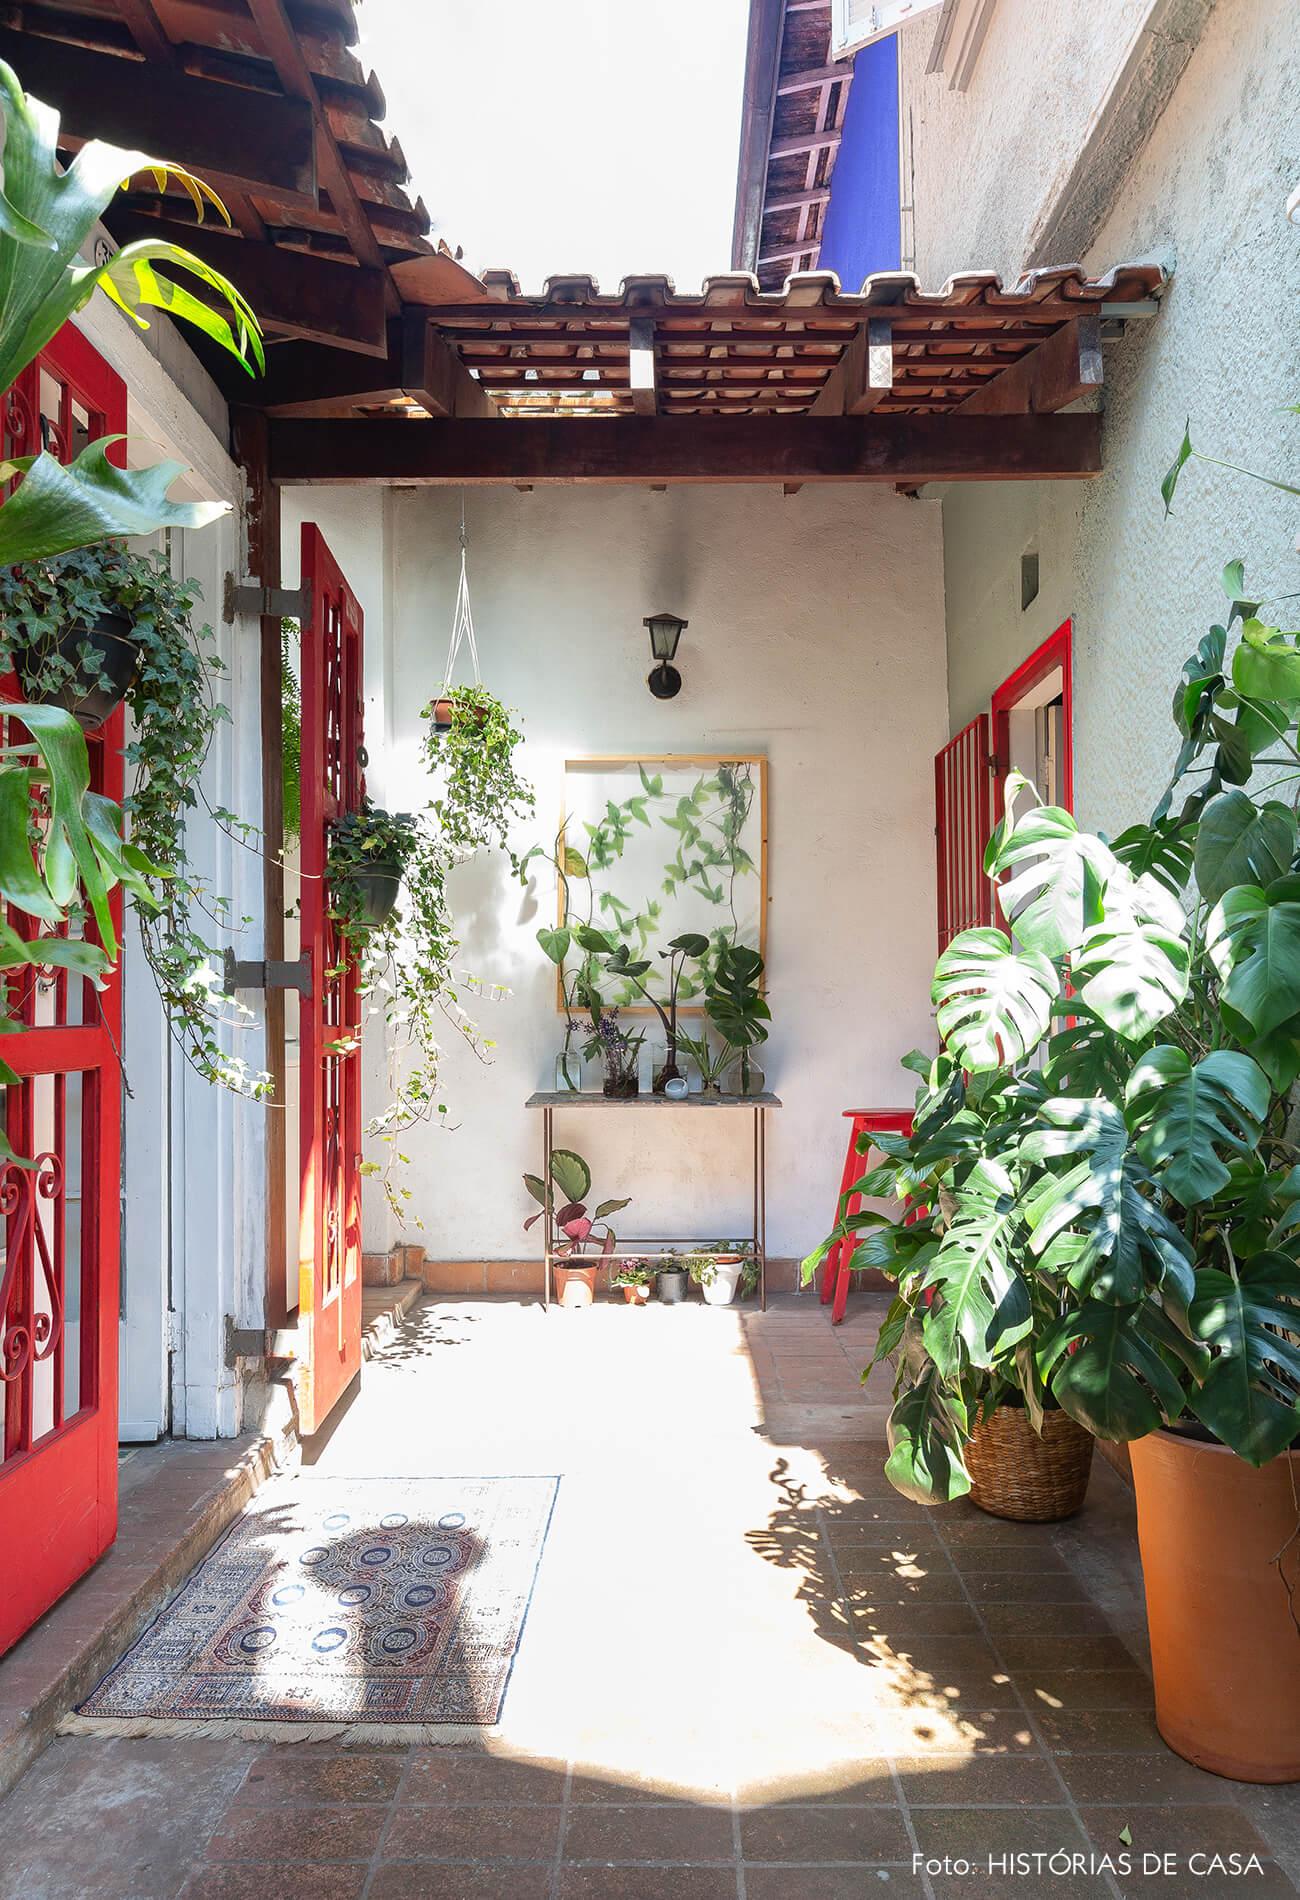 Casa de vila com quintal e esquadrias vermelhas